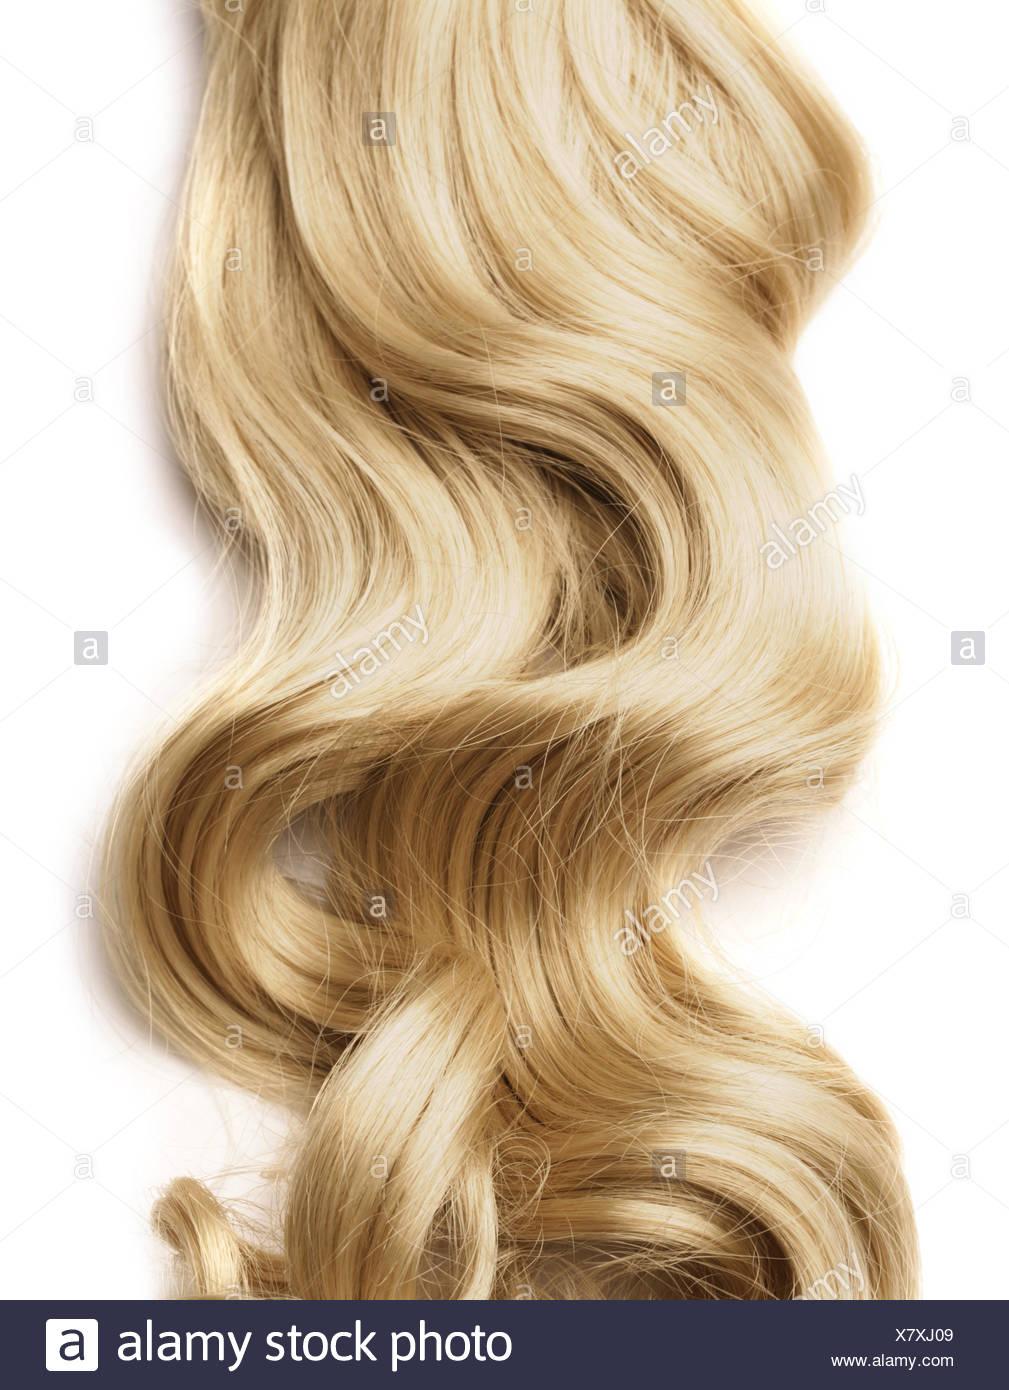 Blonde Haare Haare Locken Stockfoto Bild 280253353 Alamy